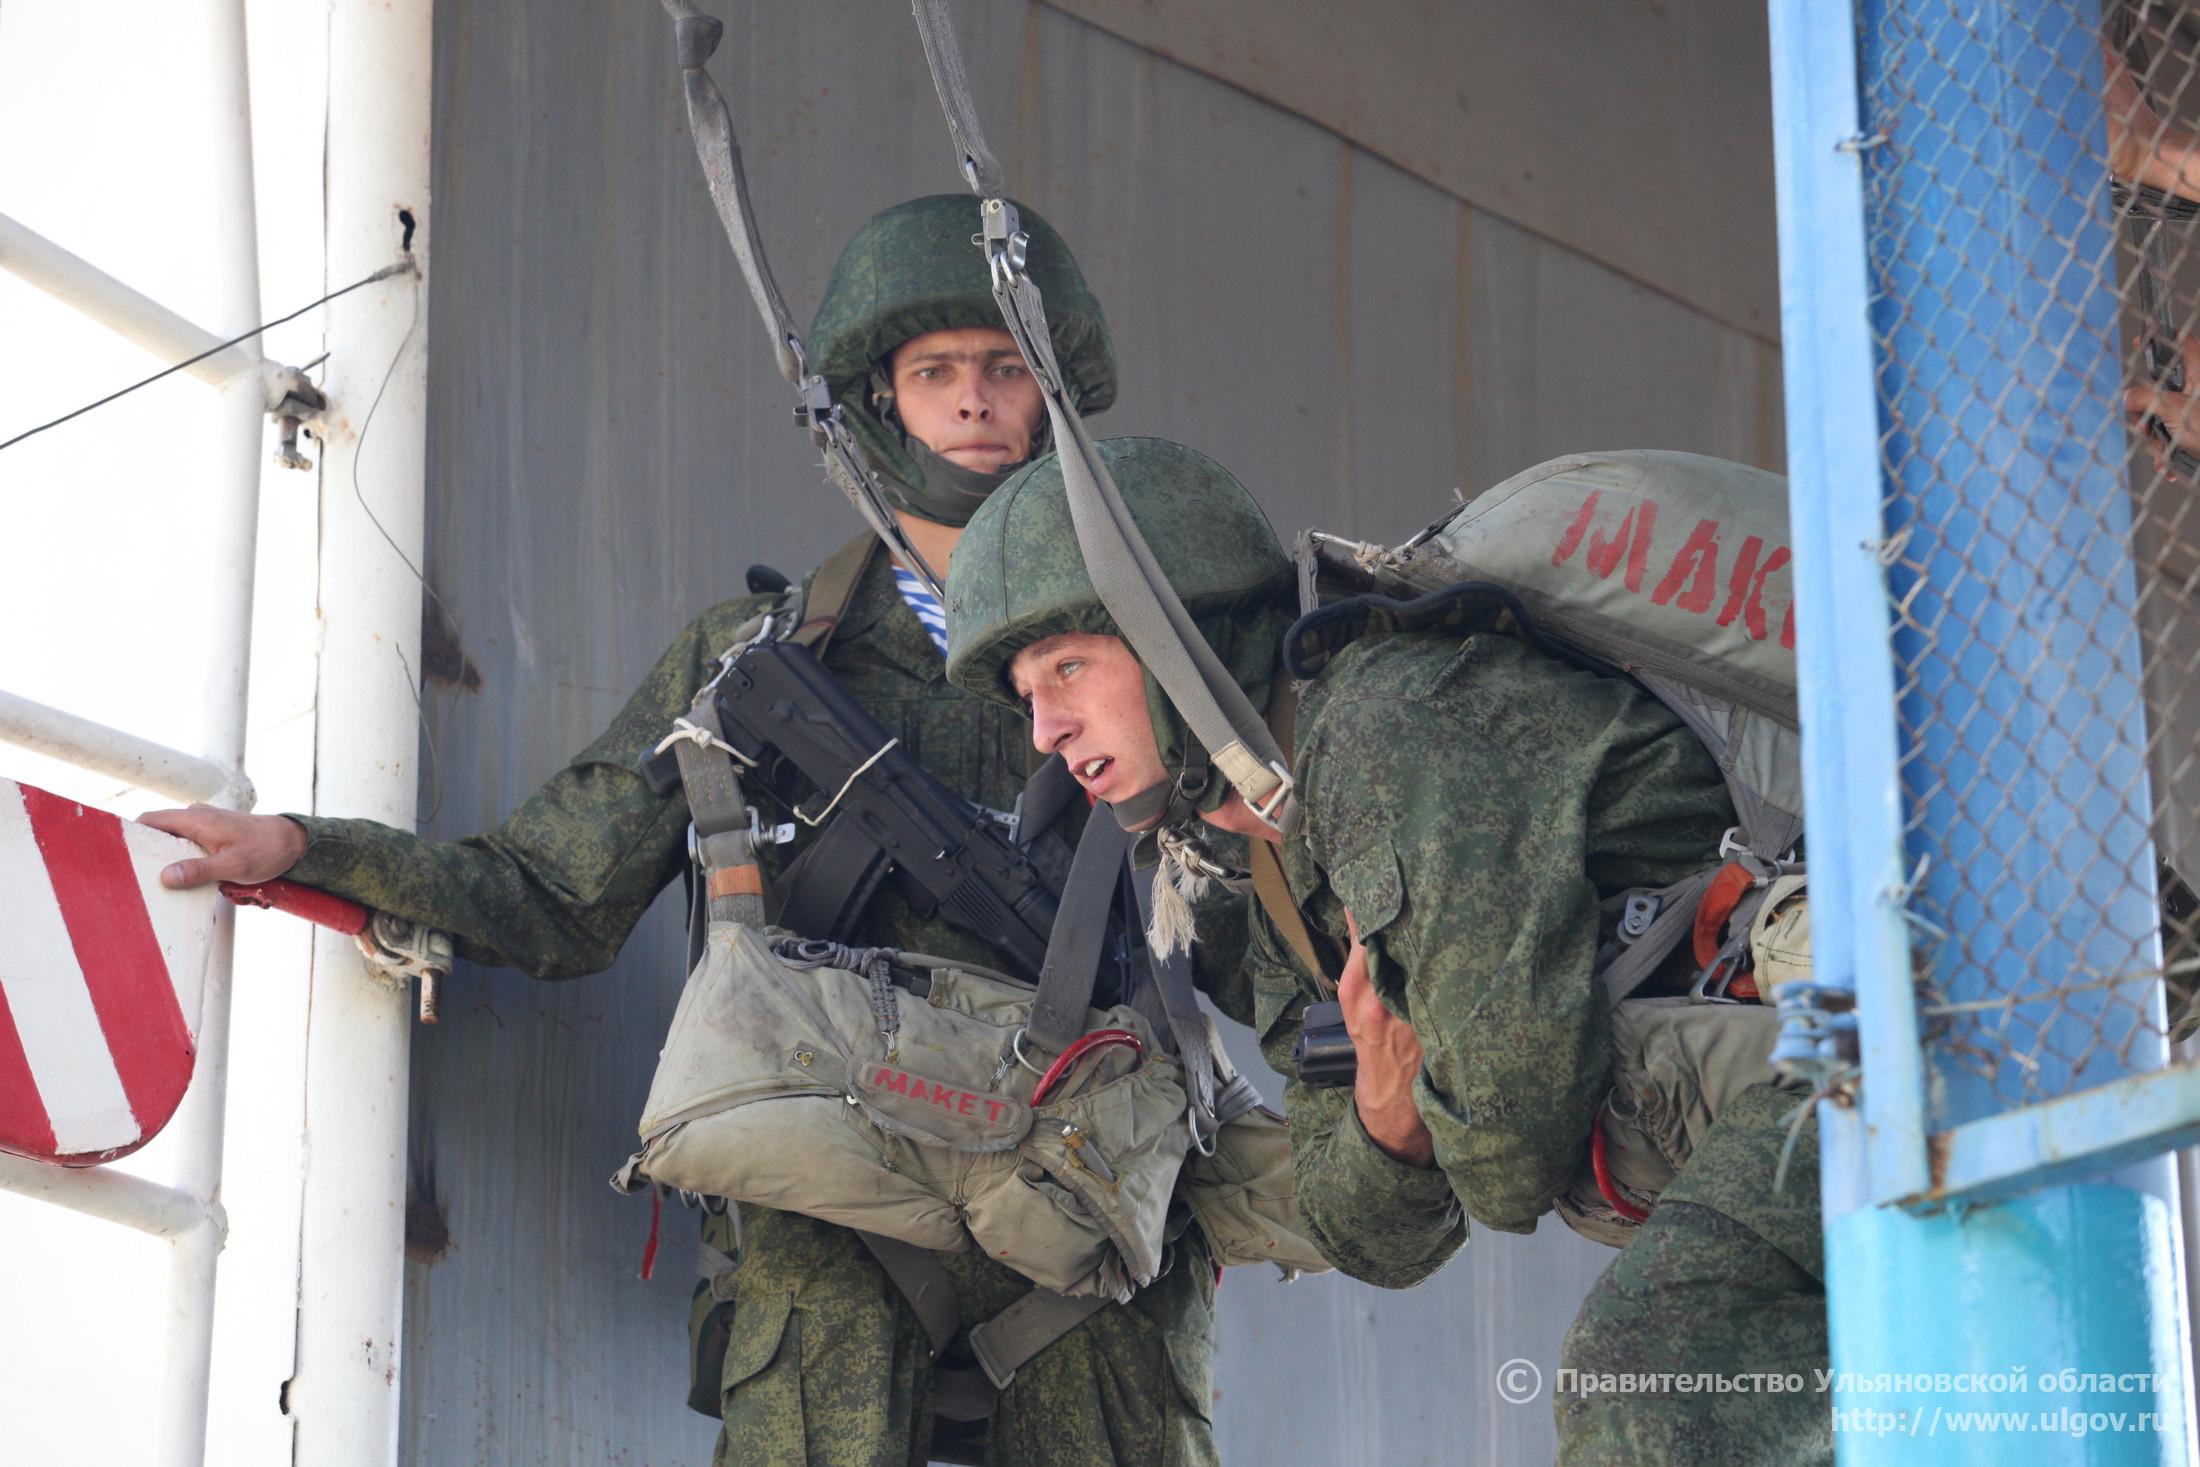 31-я гвардейская отдельная воздушно-десантная бригада ульяновск тм вдв парашютист